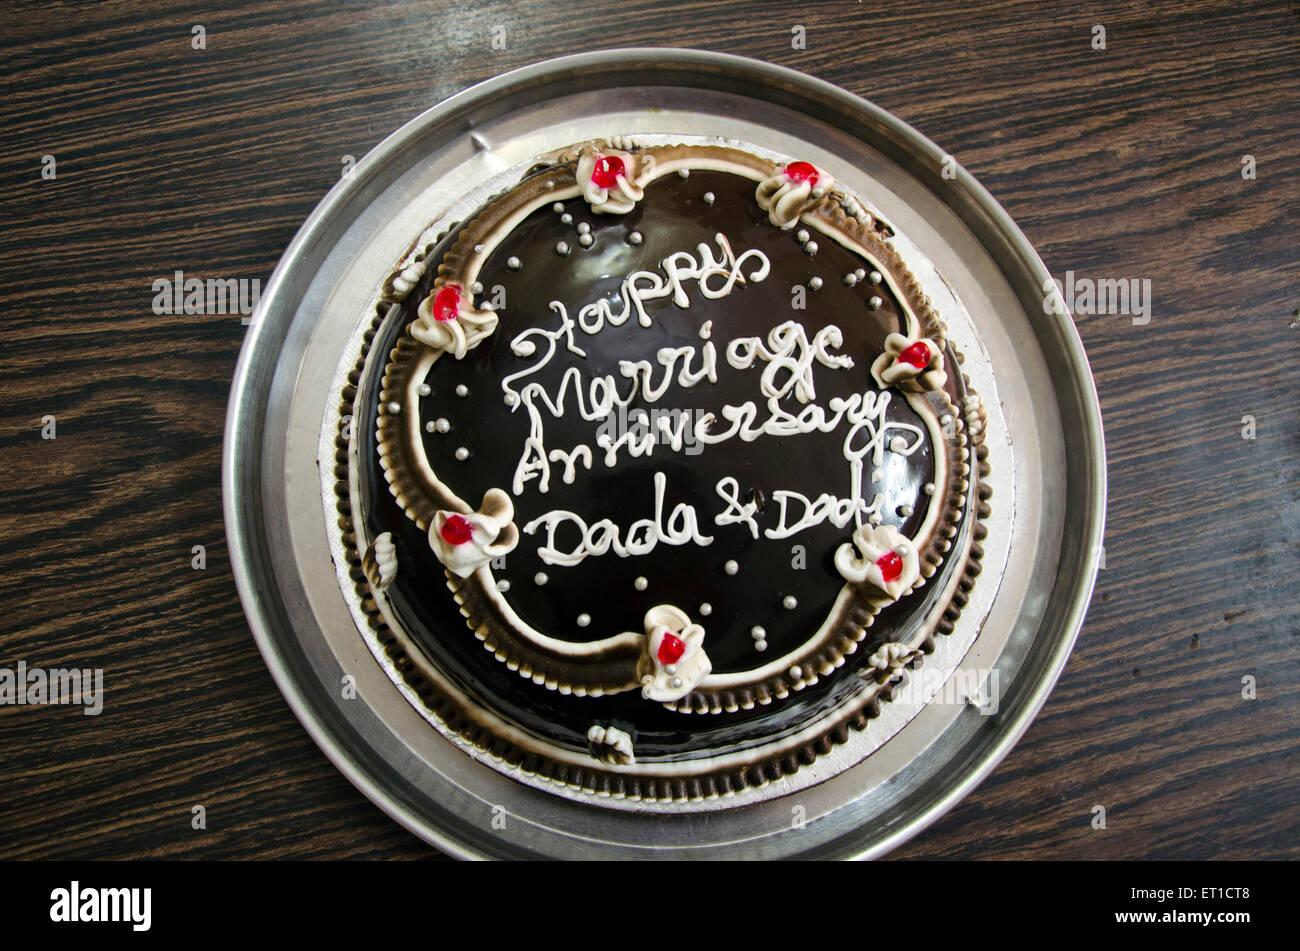 Gâteau d'anniversaire de mariage dans la région de Jodhpur au Rajasthan Inde Asie Photo Stock